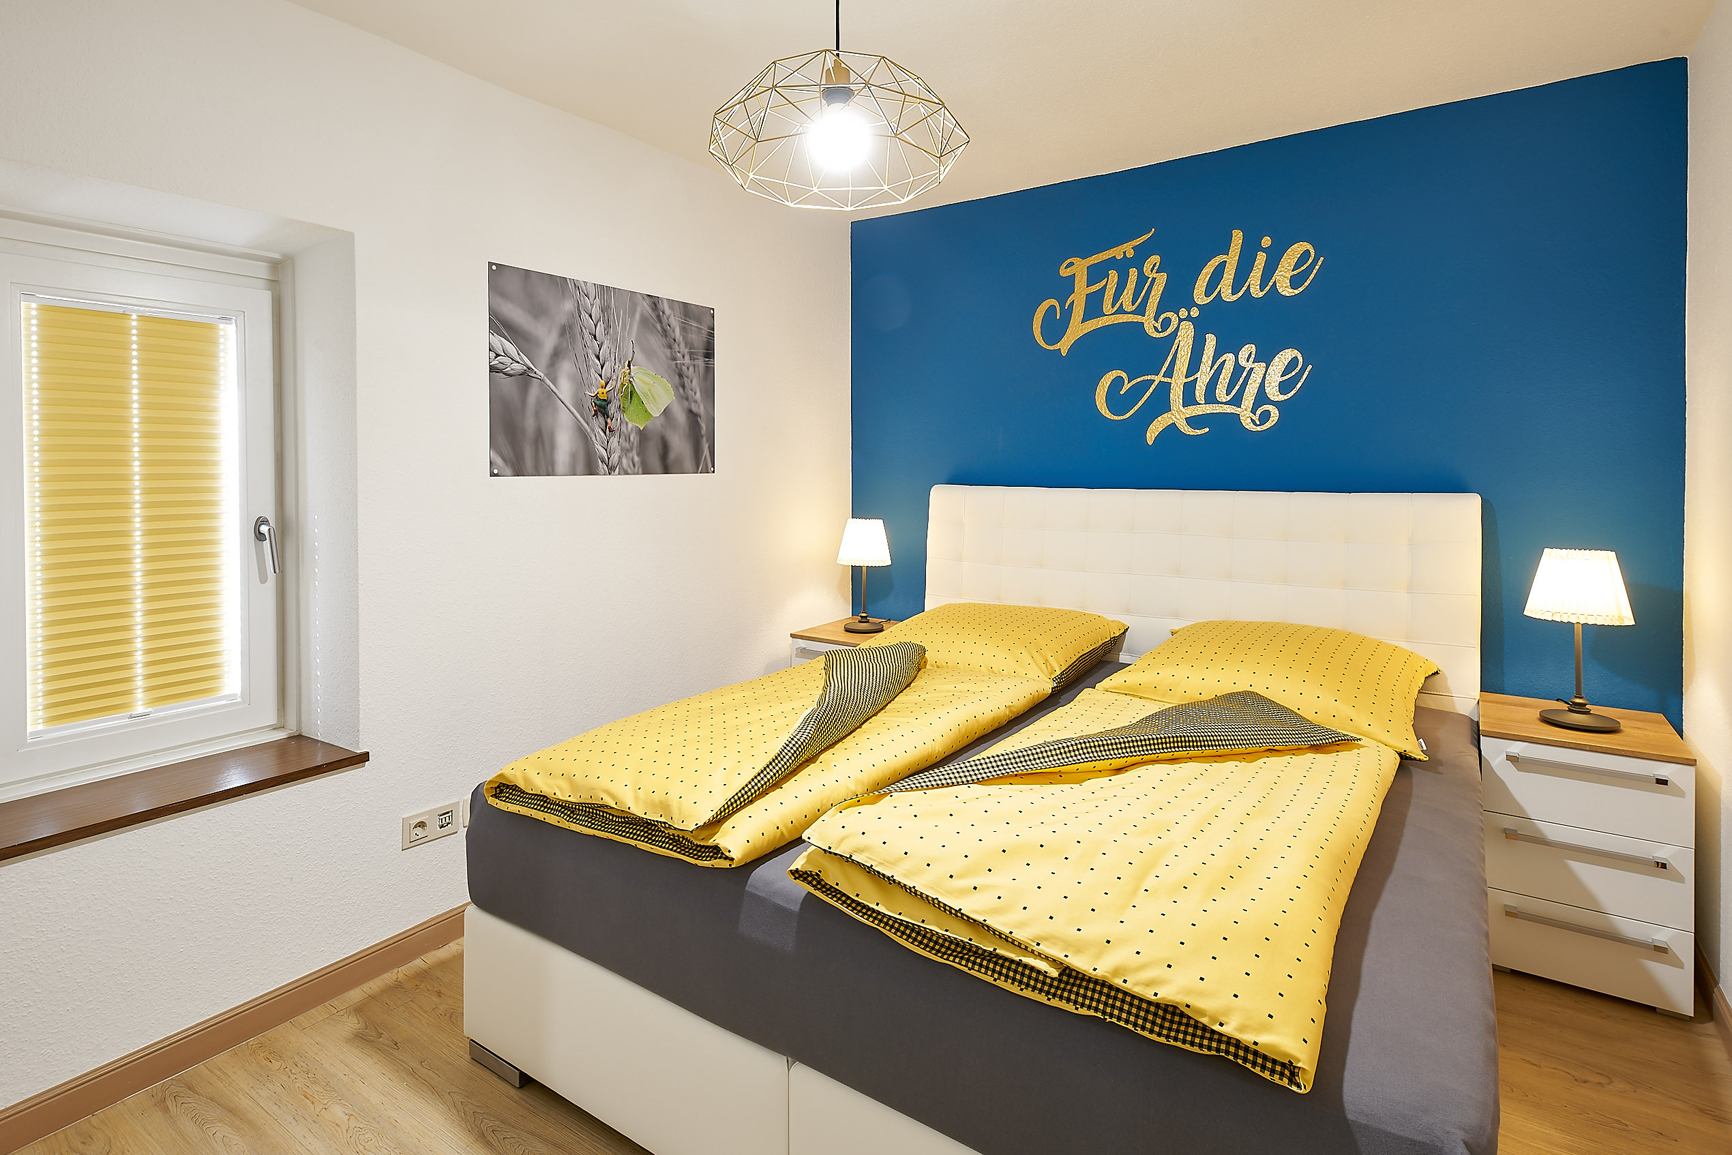 Mosel-Herberge Schlafzimmer Für die Ähre